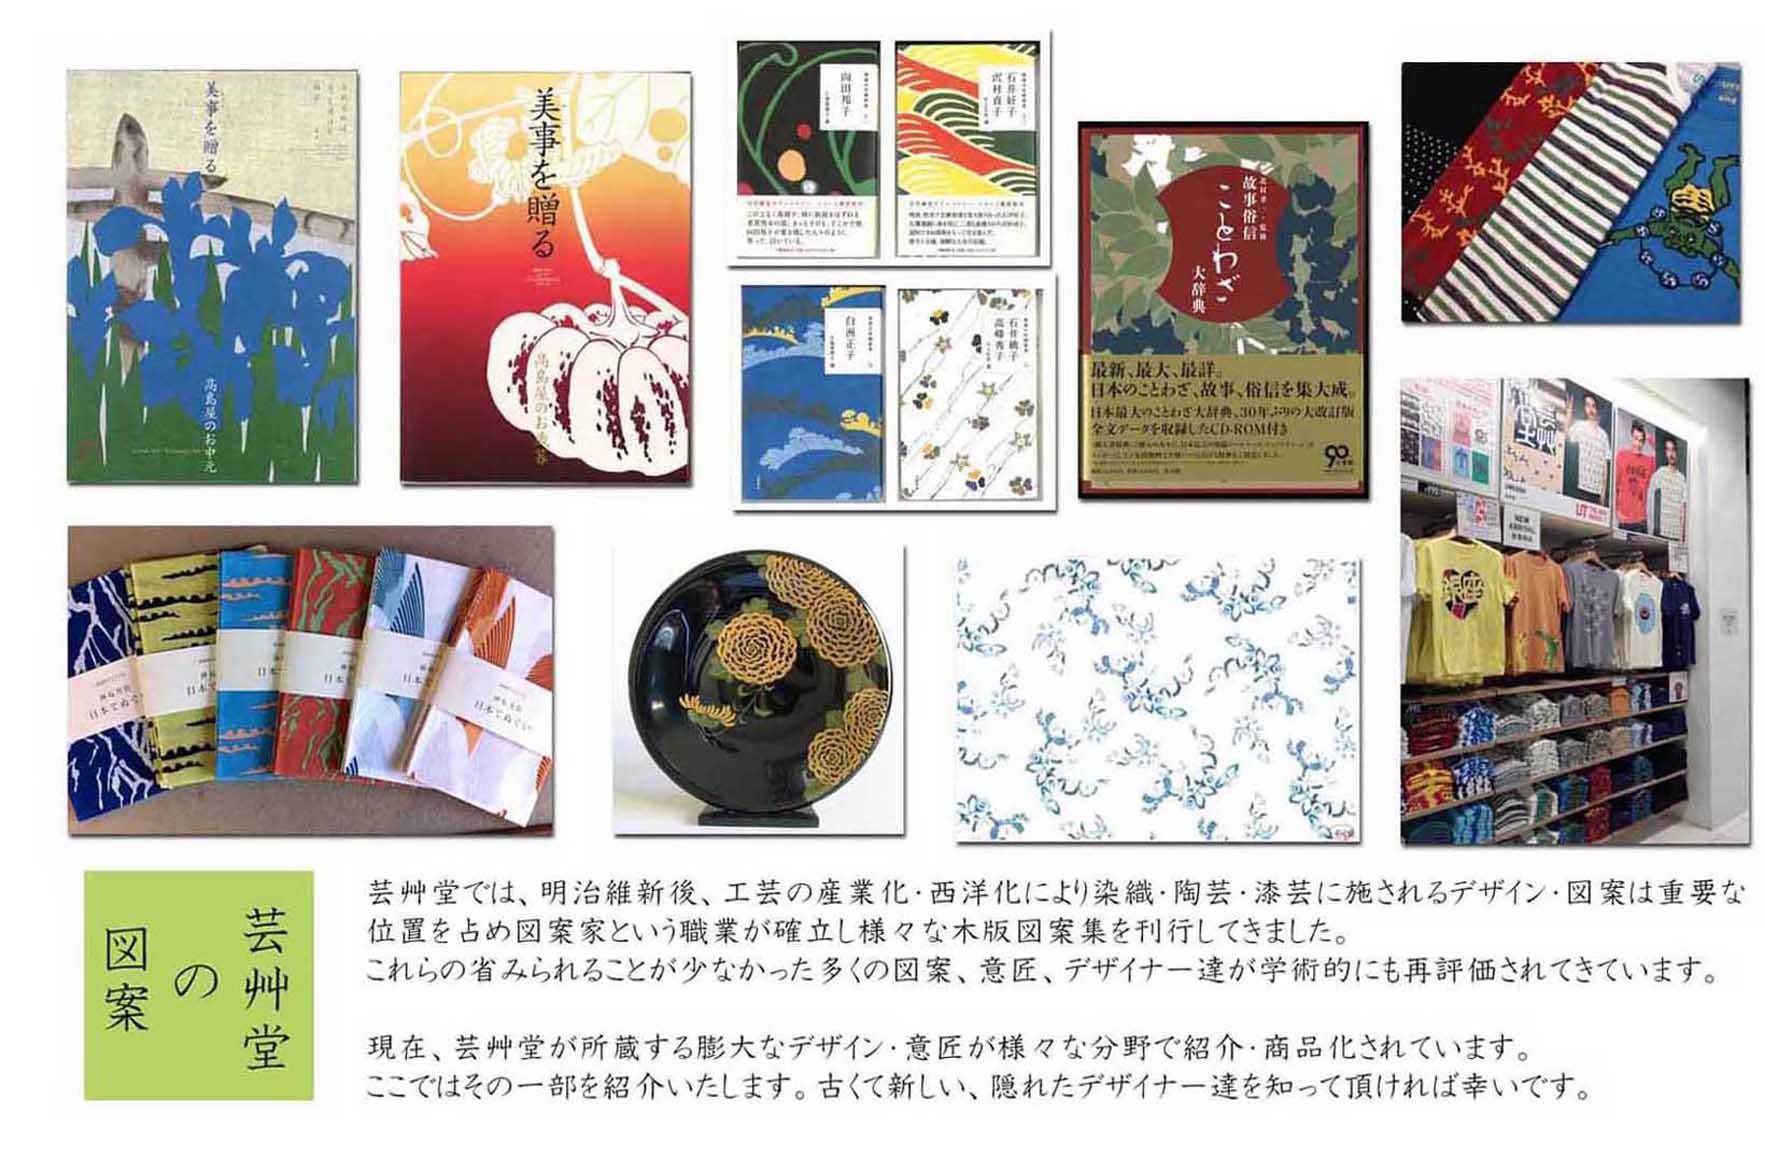 GIAPPONE Disegno e Design